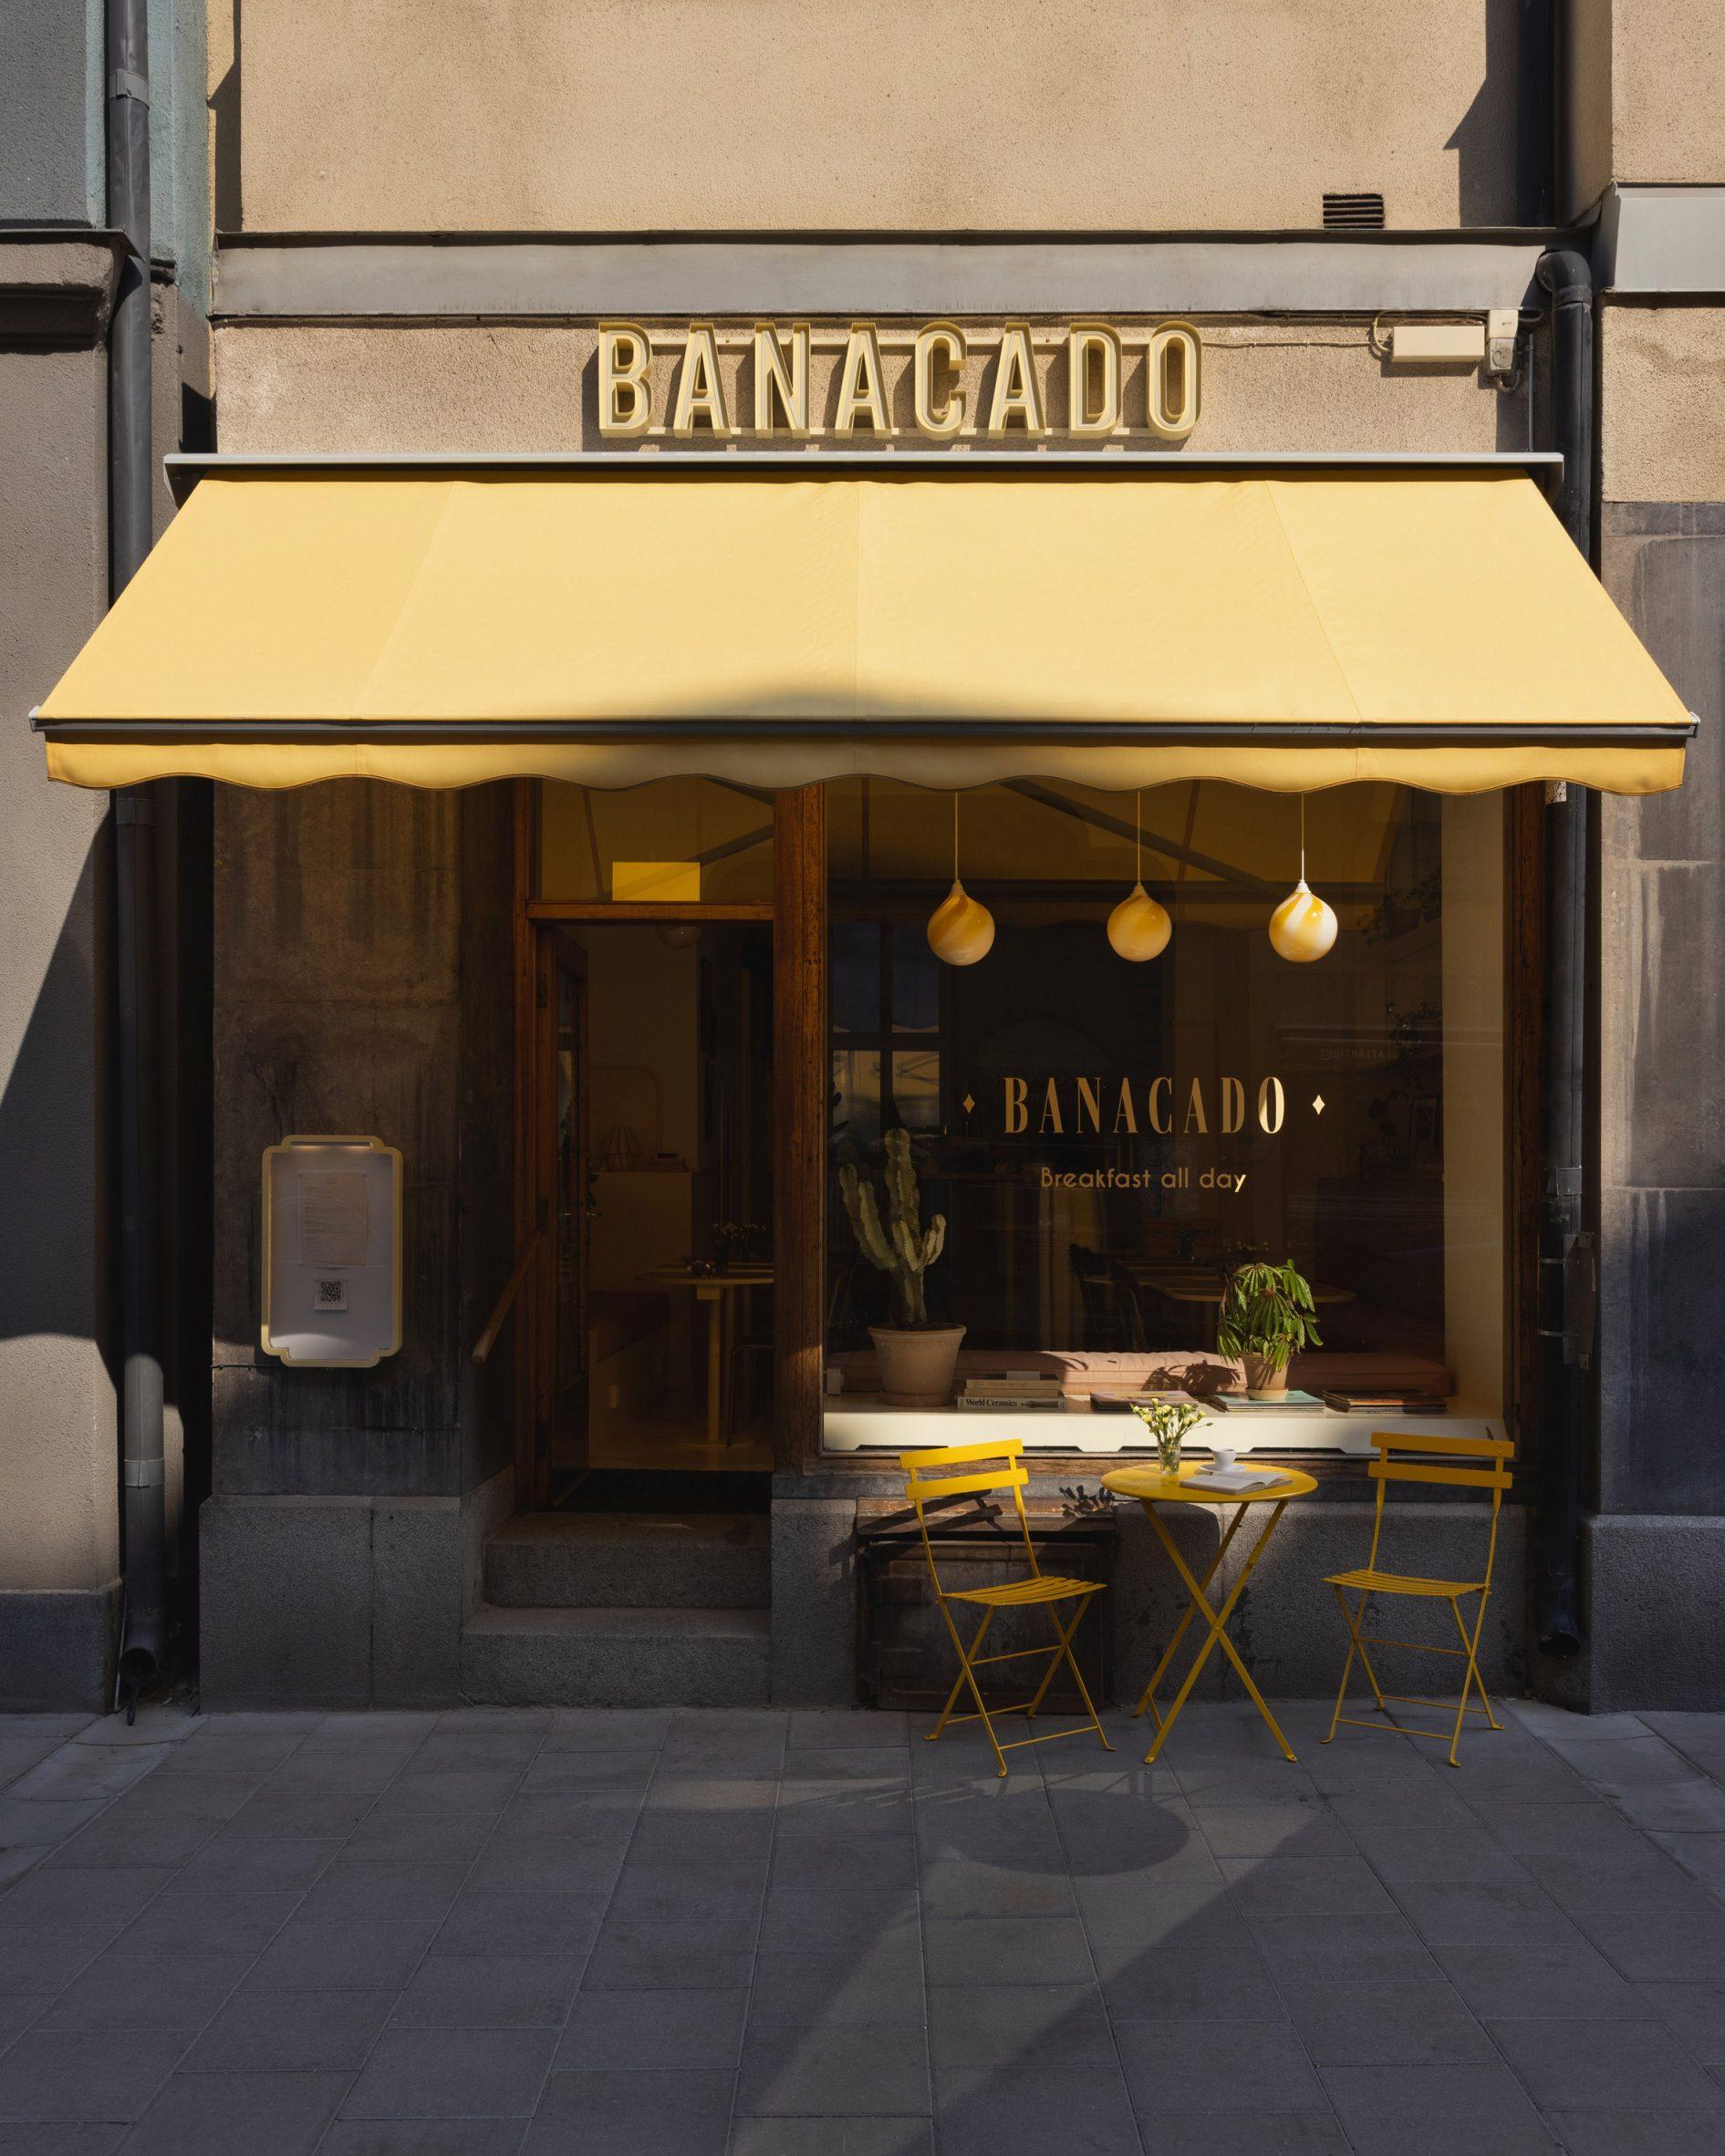 Banacado Cafe in Stockholm